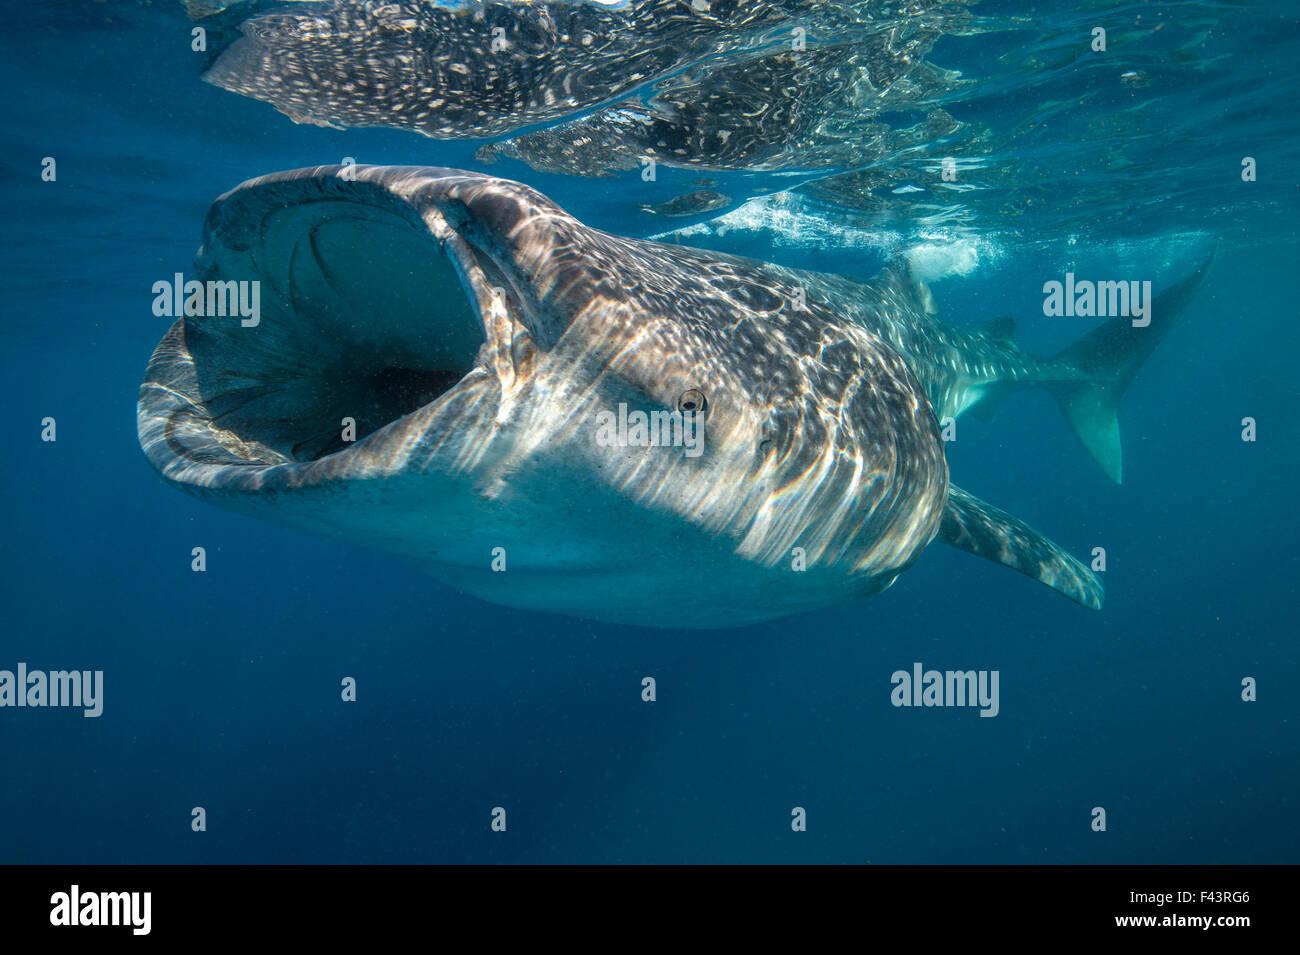 Squalo balena (Rhincodon typus) aperta la bocca di alimentazione del filtro in corrispondenza della superficie, Immagini Stock